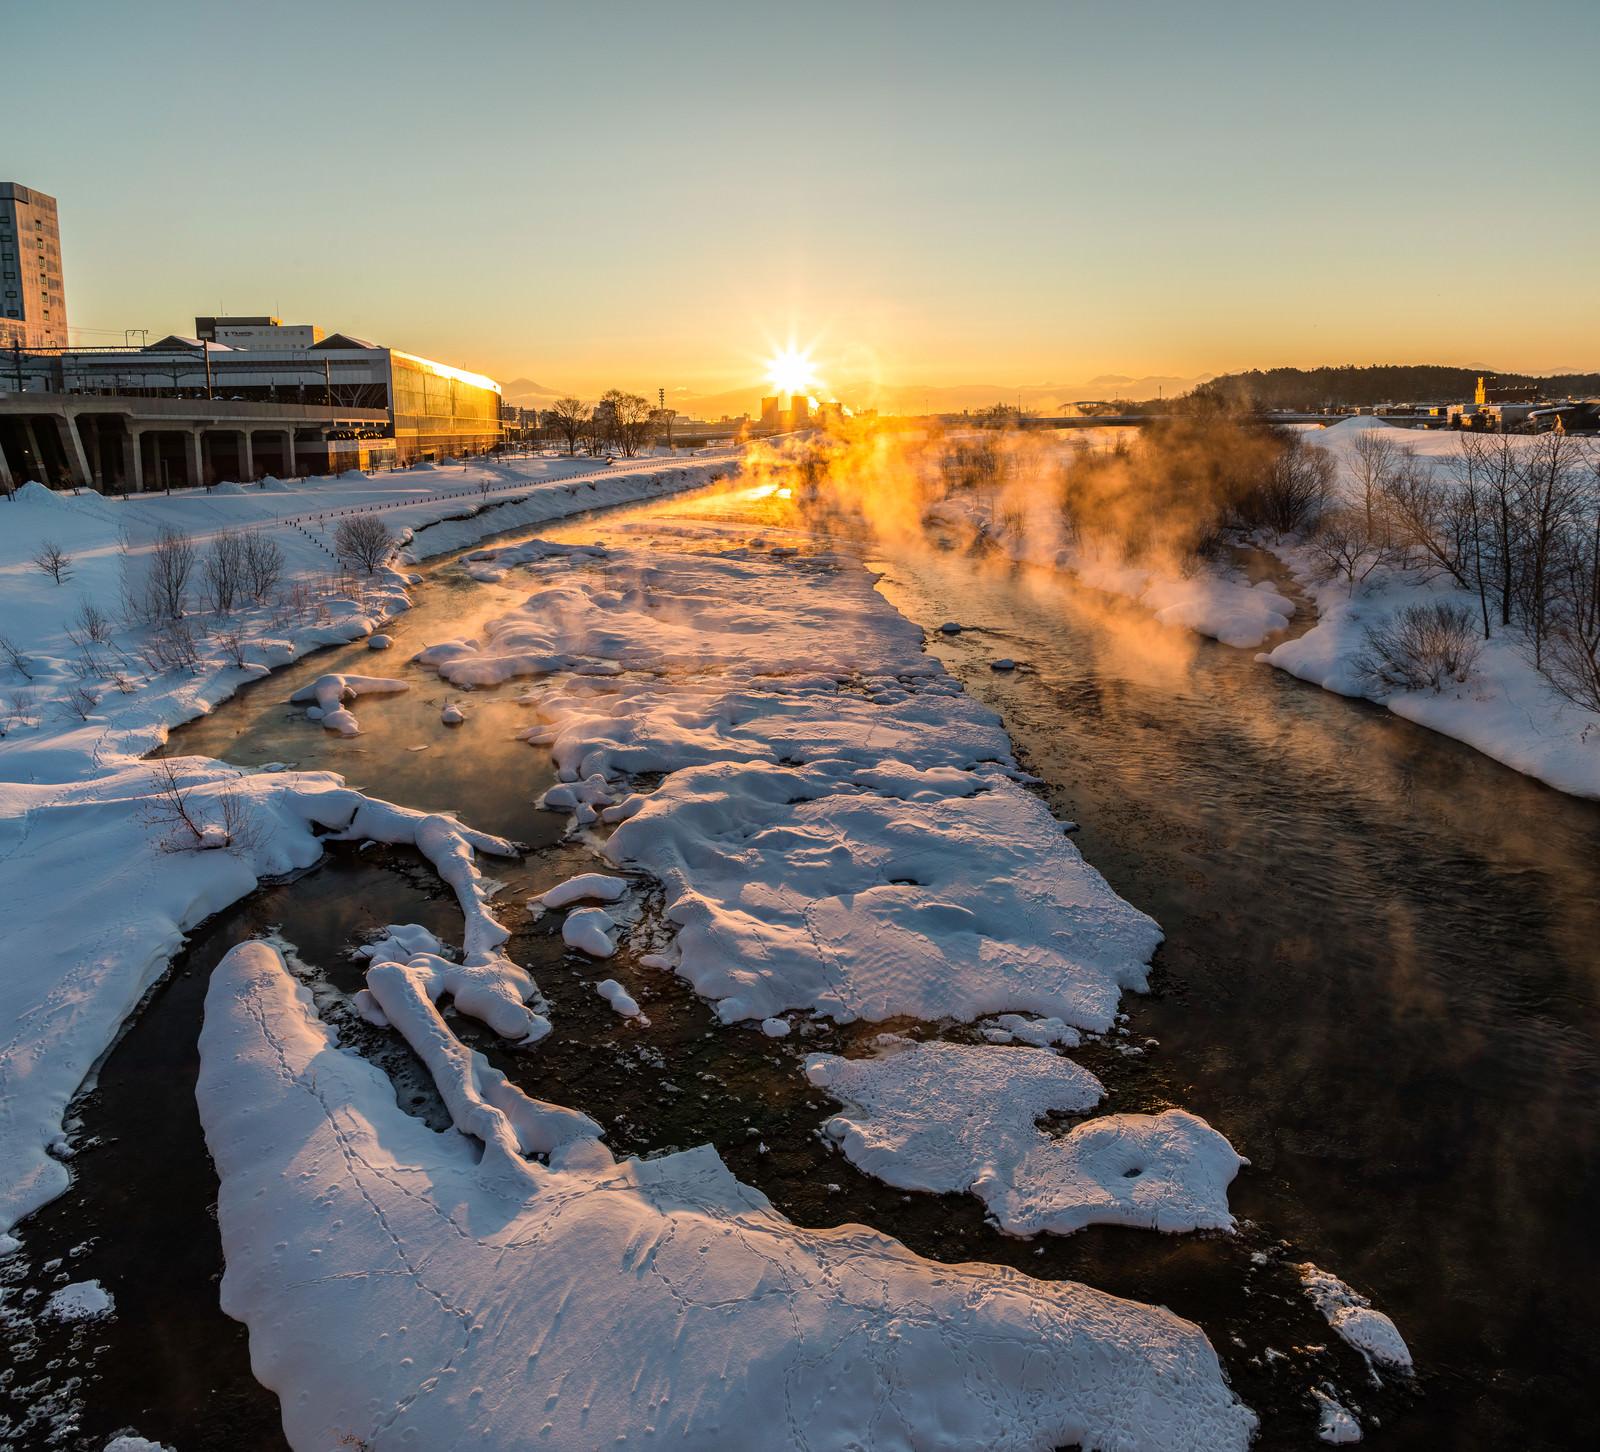 「冬の川から湧き上がる蒸気霧と朝日」の写真